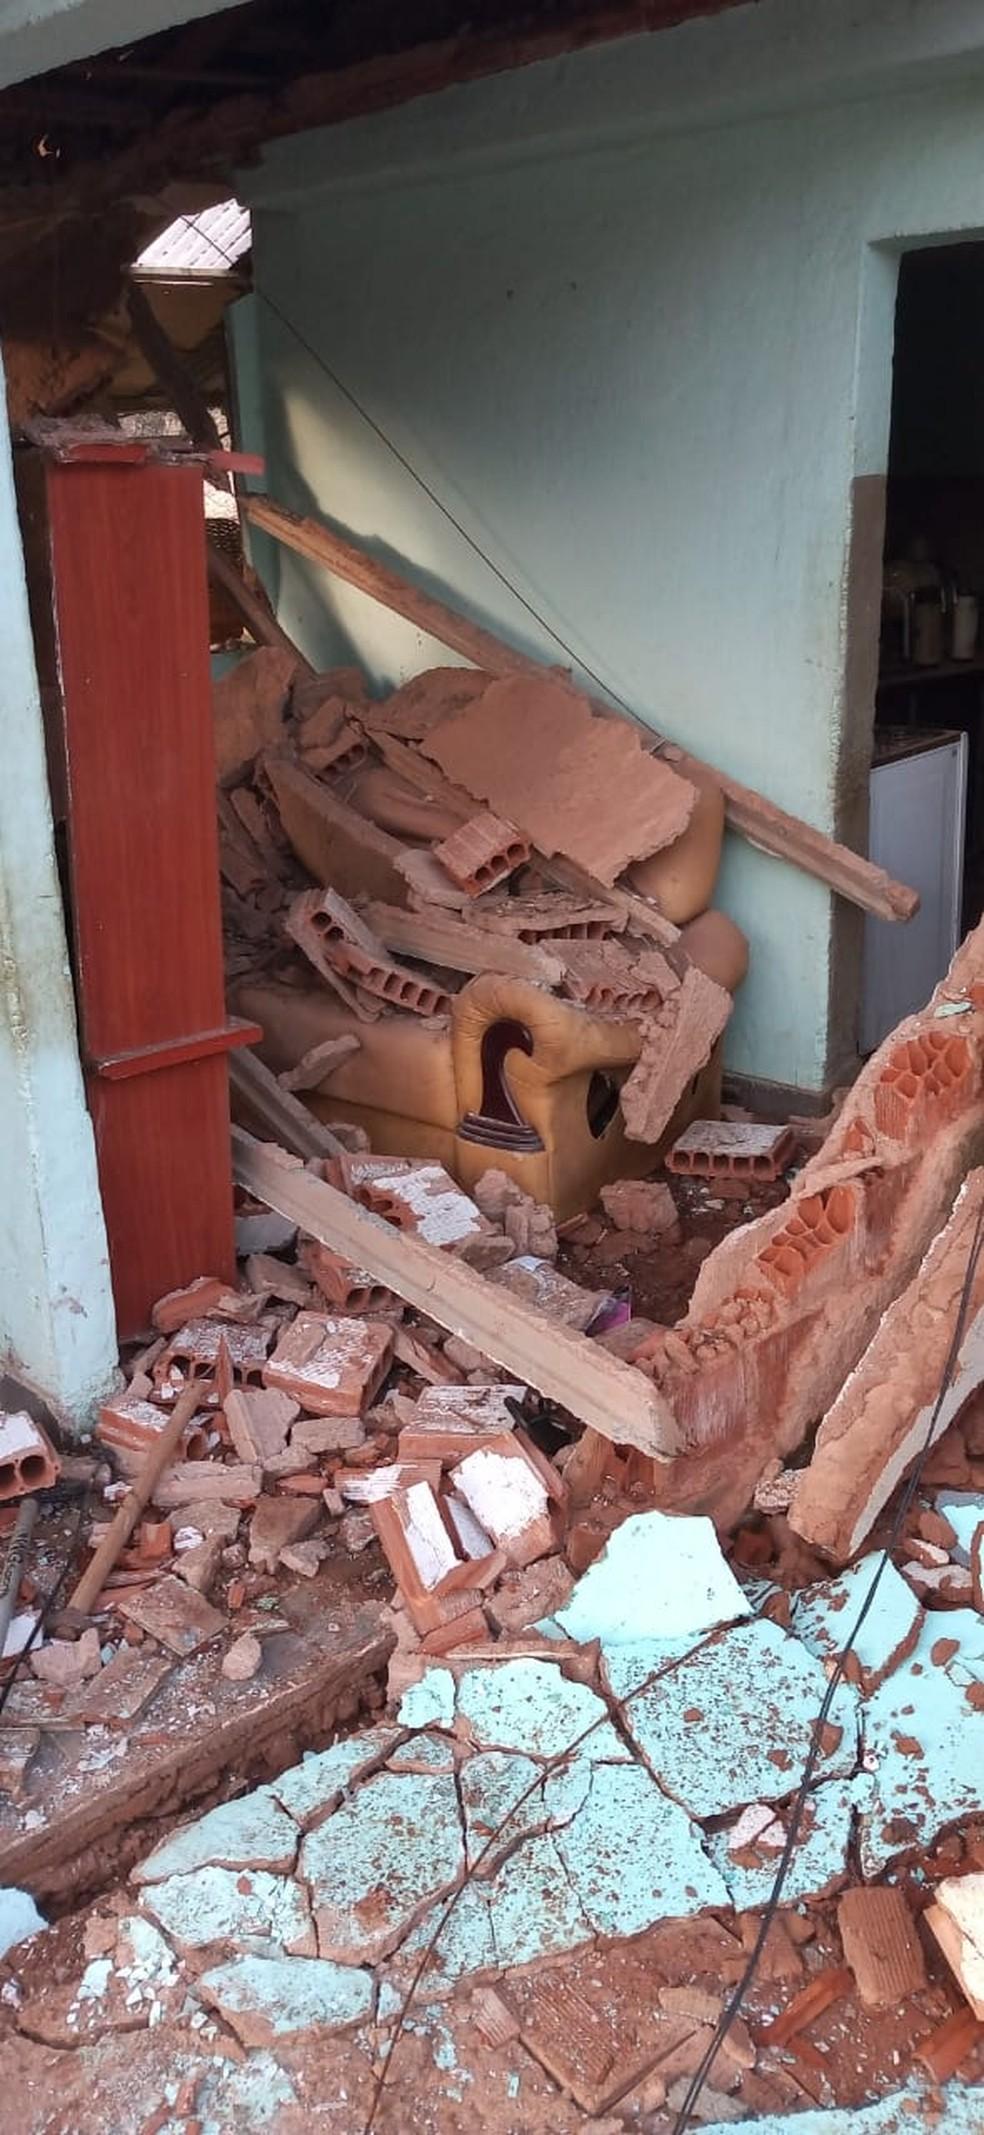 Casa fica destruída após explosão de botijão de gás em Valença — Foto: Thiago de Lima Martins